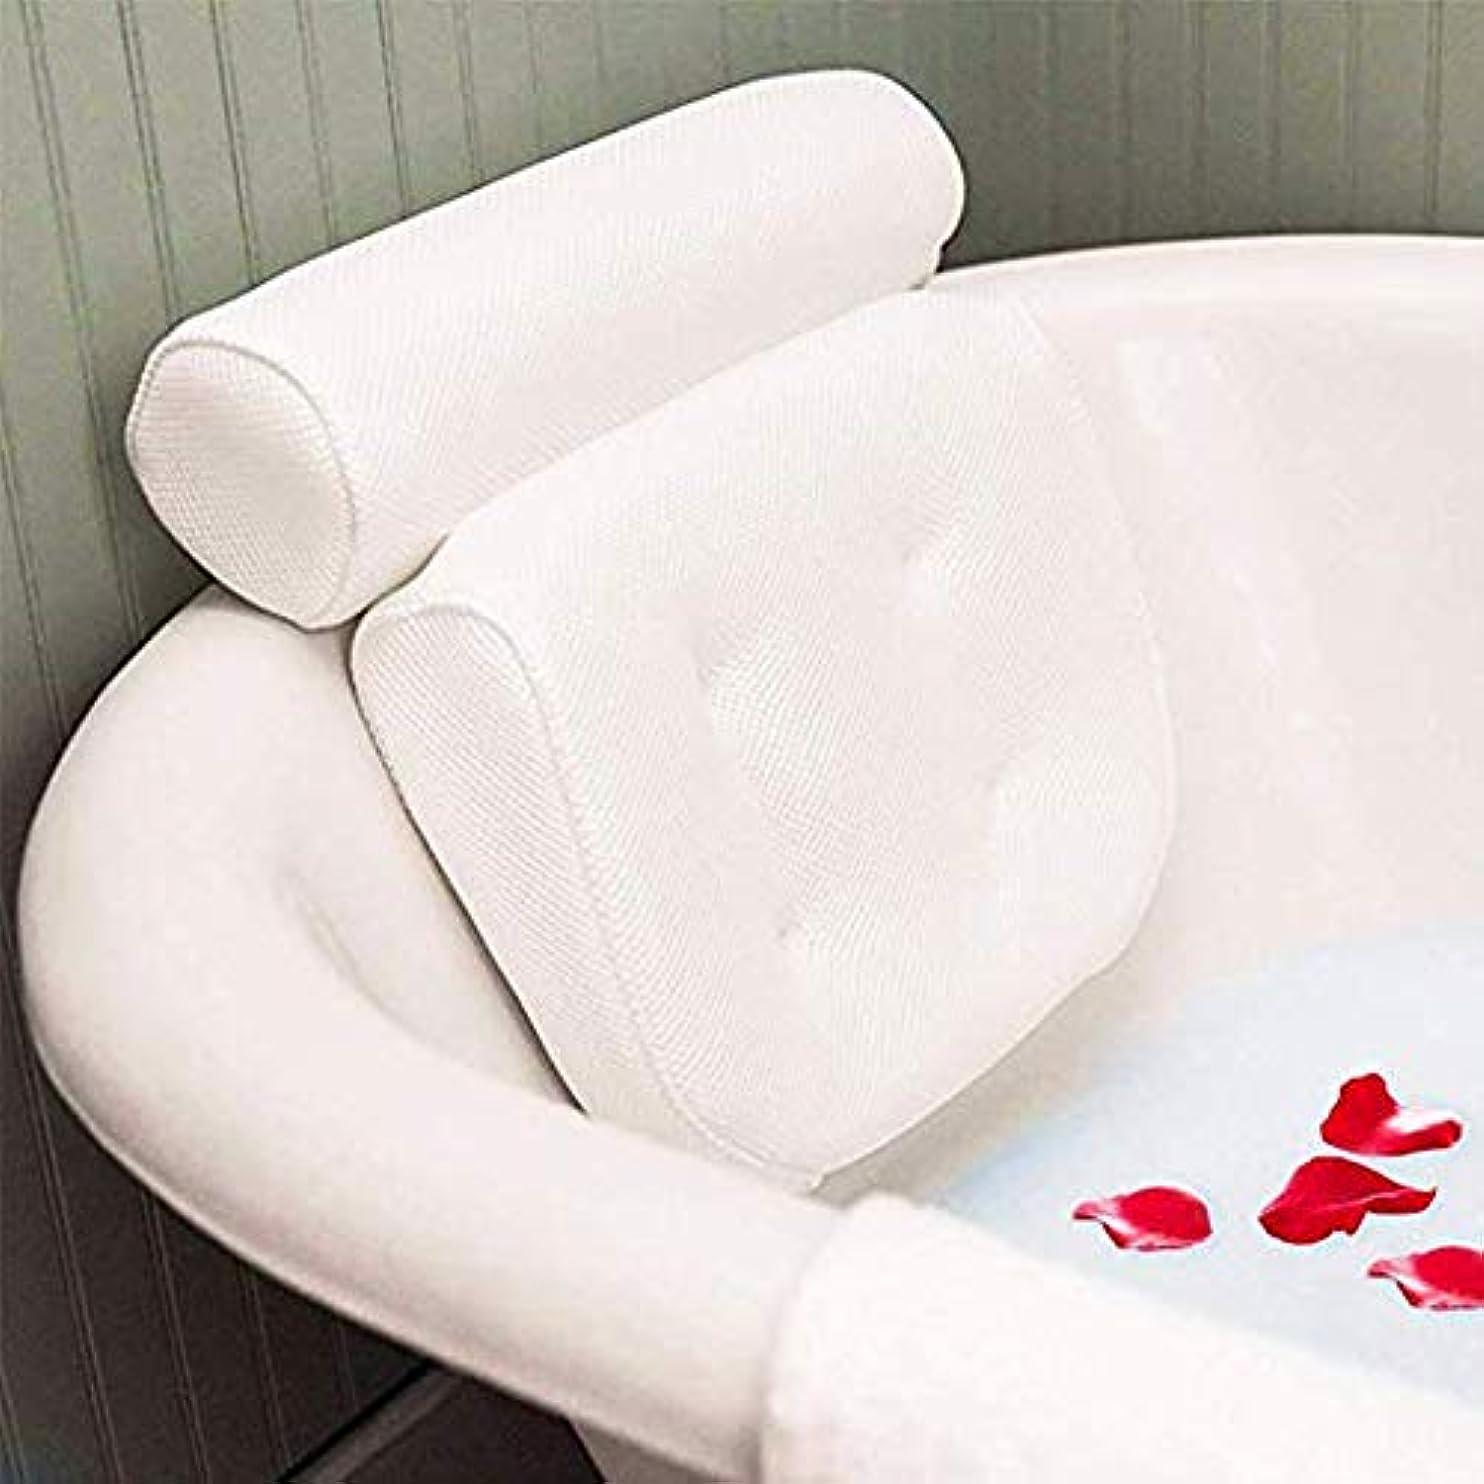 もっともらしい富豪ゴネリル頭、首、肩と背中のサポートが付いている浴槽スパ枕、滑り止め4大型サクションカップはどんな浴槽にもフィットし、抗菌性です。,White